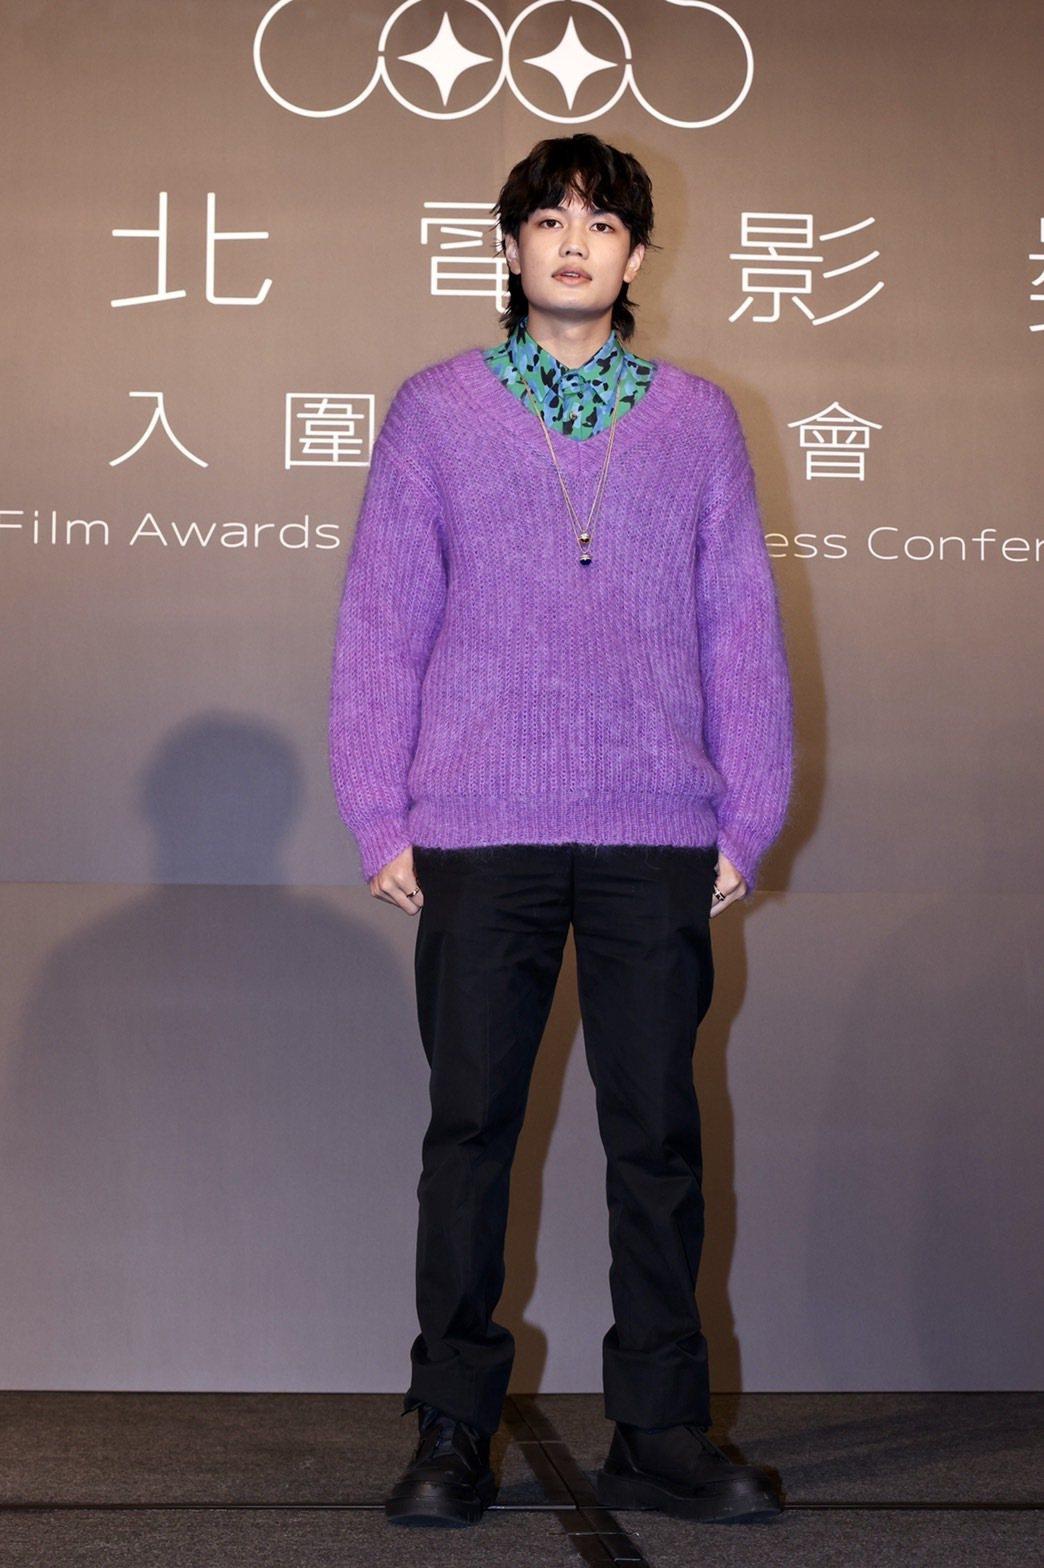 劉子銓以「無聲」入圍台北電影獎最佳新人獎。記者李政龍/攝影